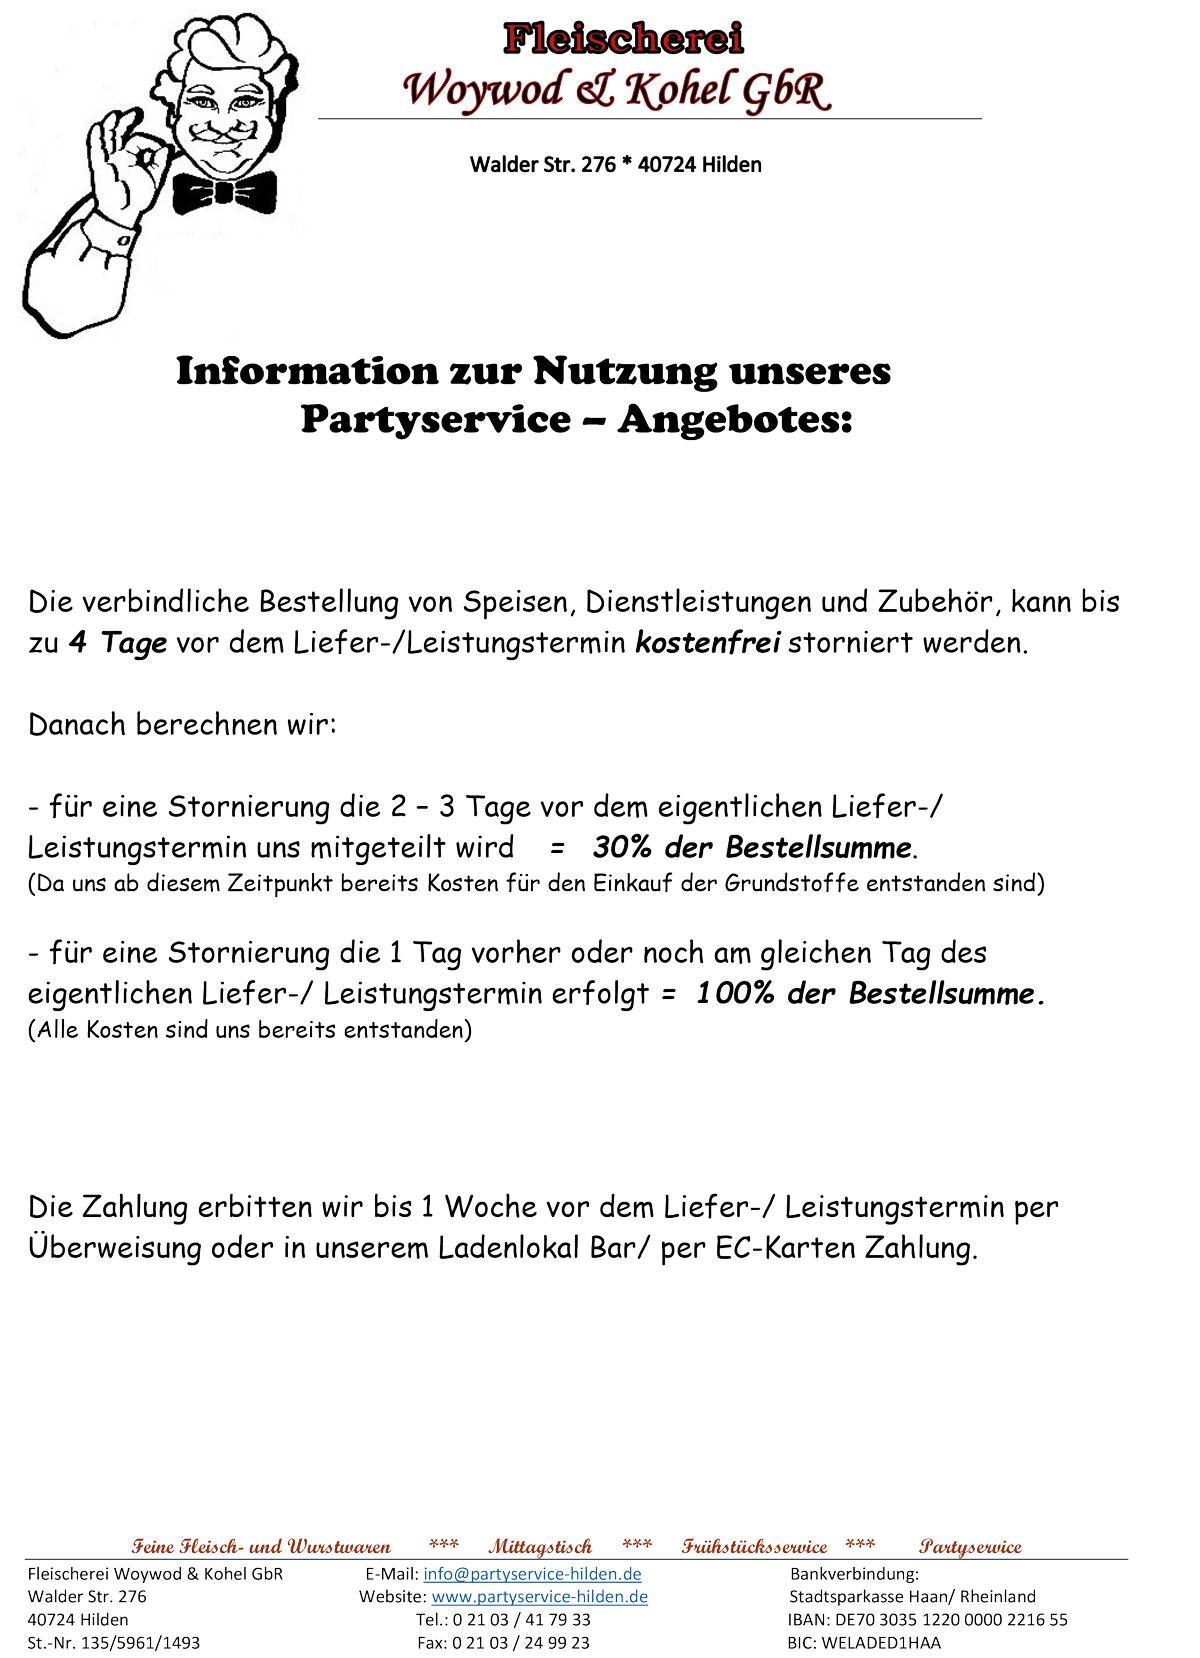 Partyservice-Woywod-Kohel-Lieferservice-Hilden